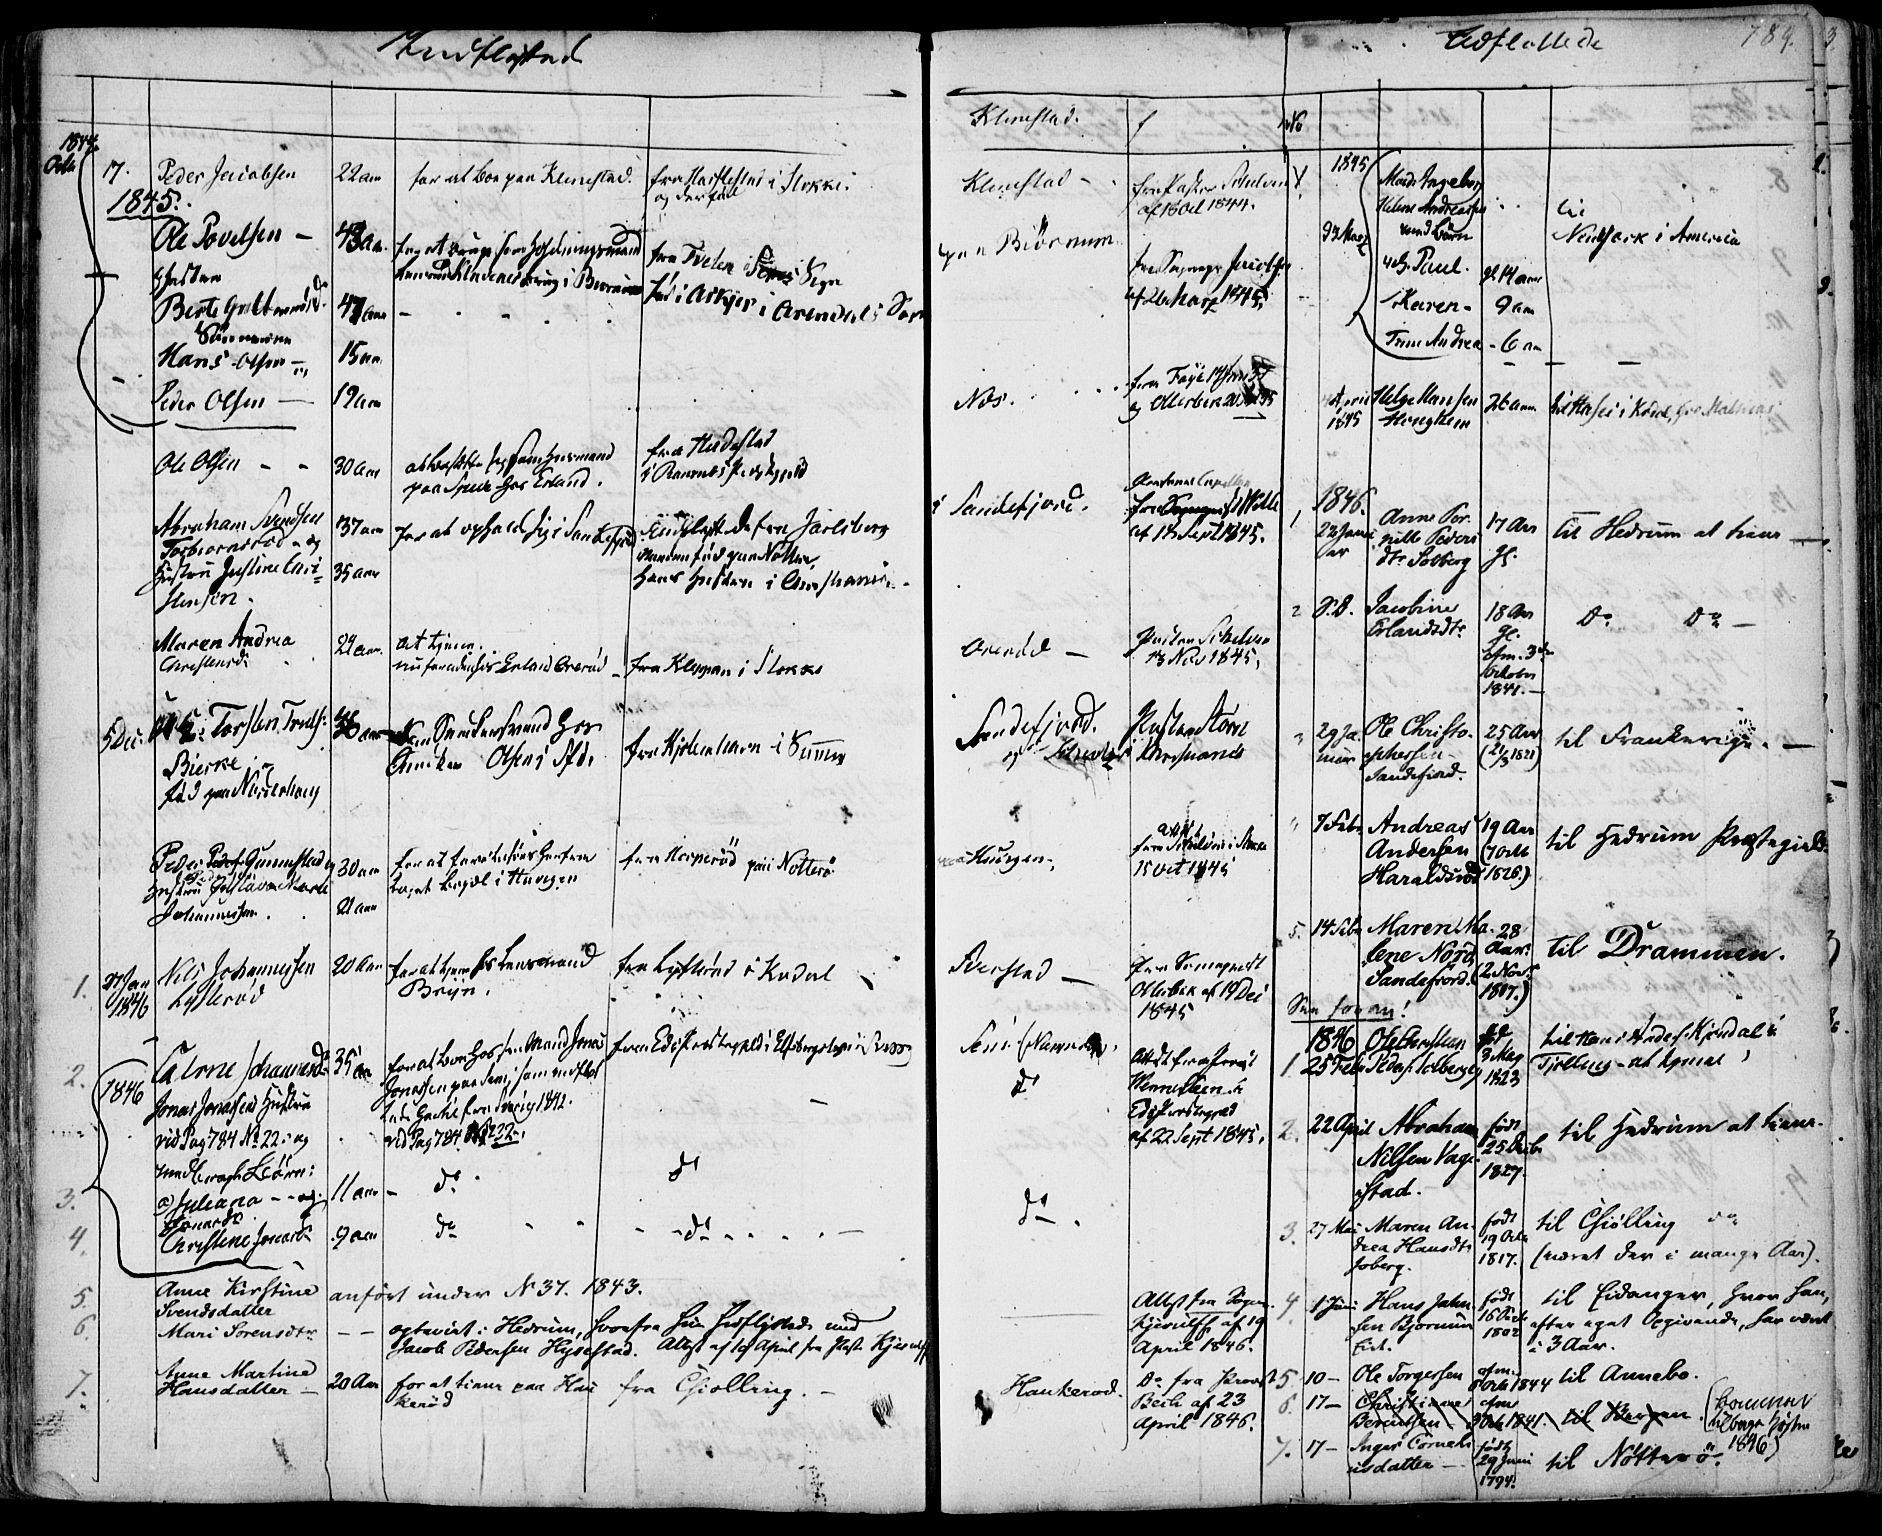 SAKO, Sandar kirkebøker, F/Fa/L0005: Ministerialbok nr. 5, 1832-1847, s. 788-789